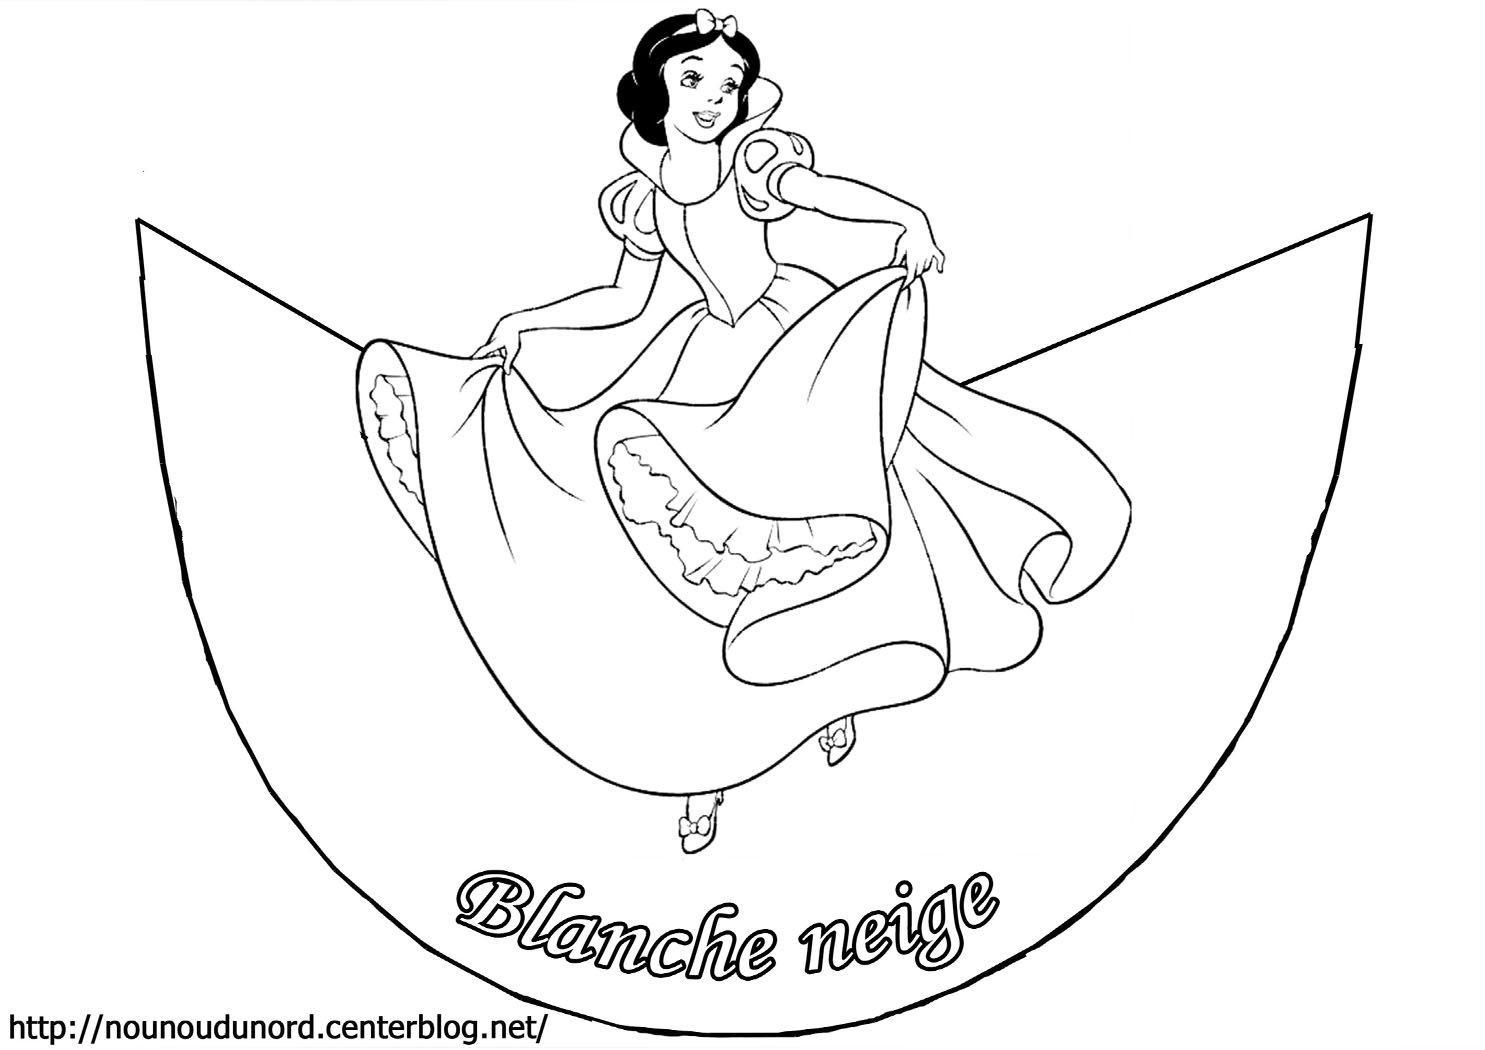 Coloriage Cône Blanche Neige Et Les 7 Nains Avec La Sorcière destiné Blanche Neige À Colorier Et Imprimer